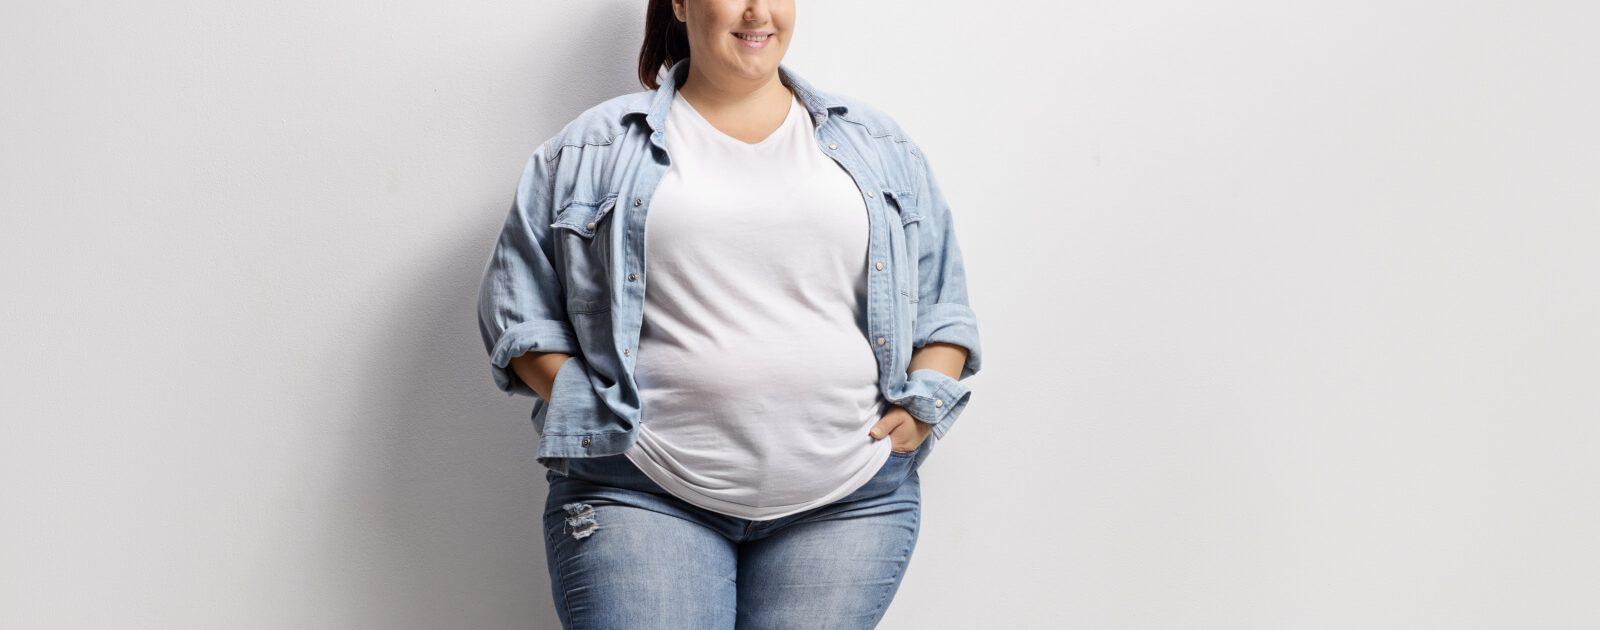 Eine adipöse junge Frau: Adipositas kann während der Schwangerschaft und Geburt für Komplikationen sorgen